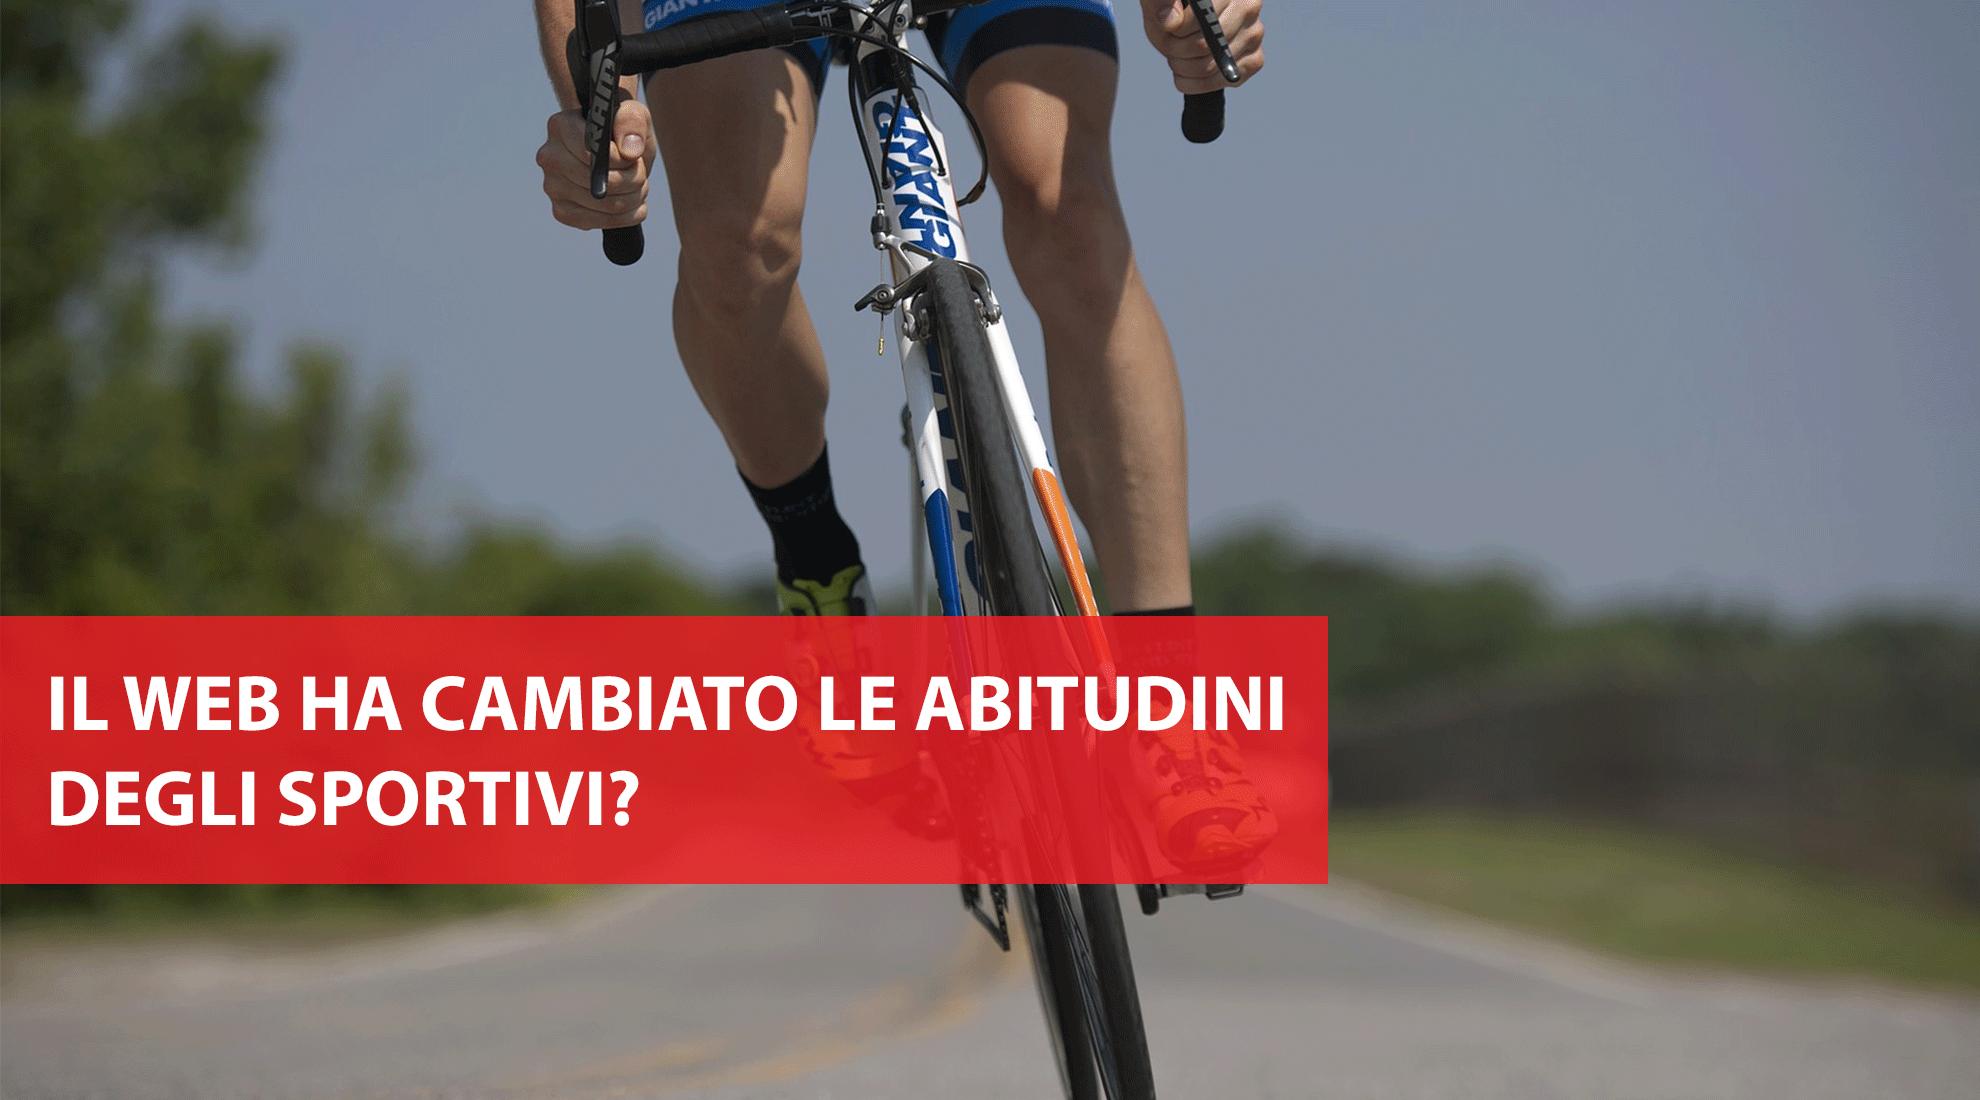 Abitudini-sportivi-ciclismo.png